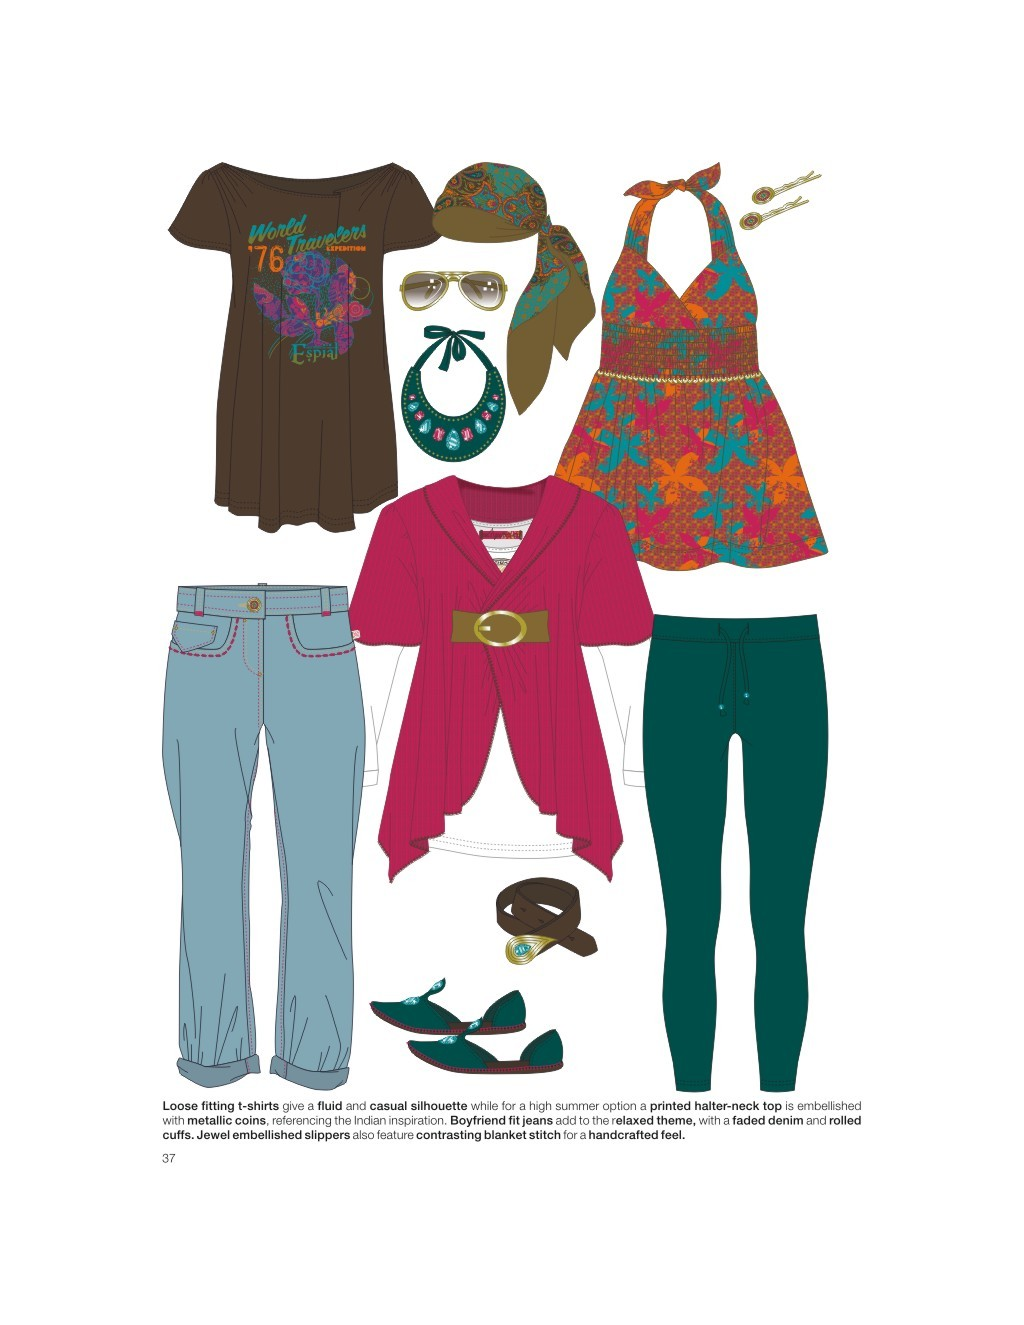 效果图 服装款式手稿 流行t恤 时尚潮流 创意图案 电脑绘制服装款式图